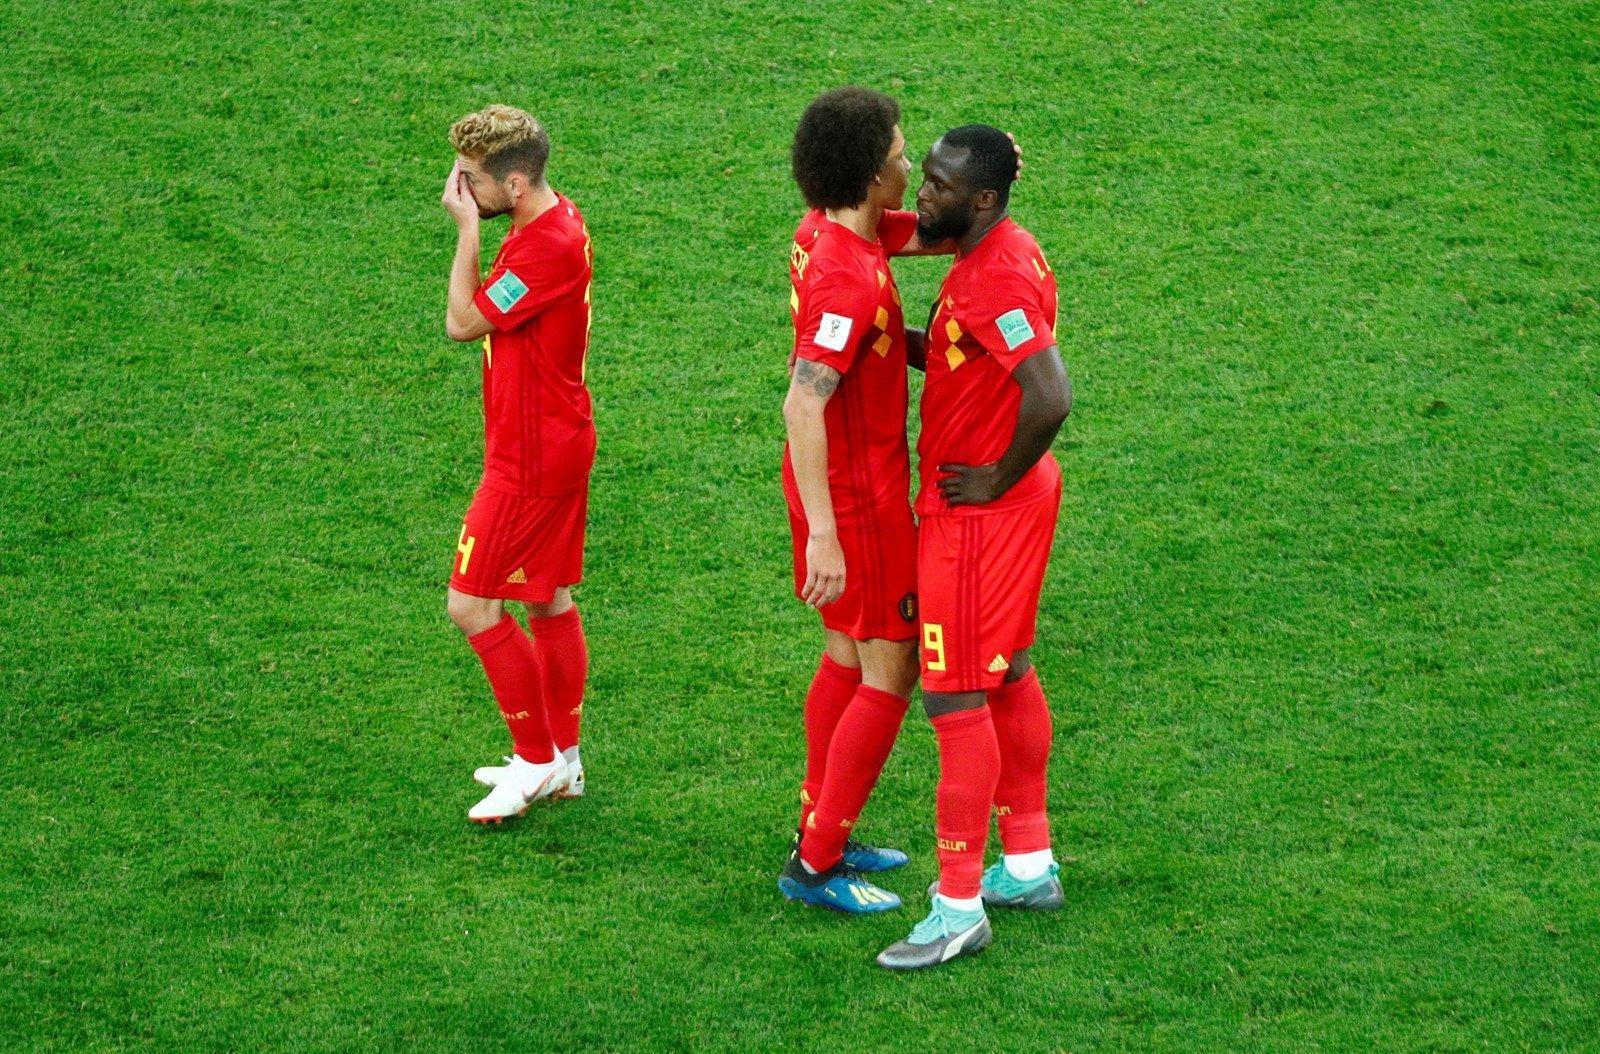 Bỉ đã không thể có mặt tại chung kết World Cup năm nay